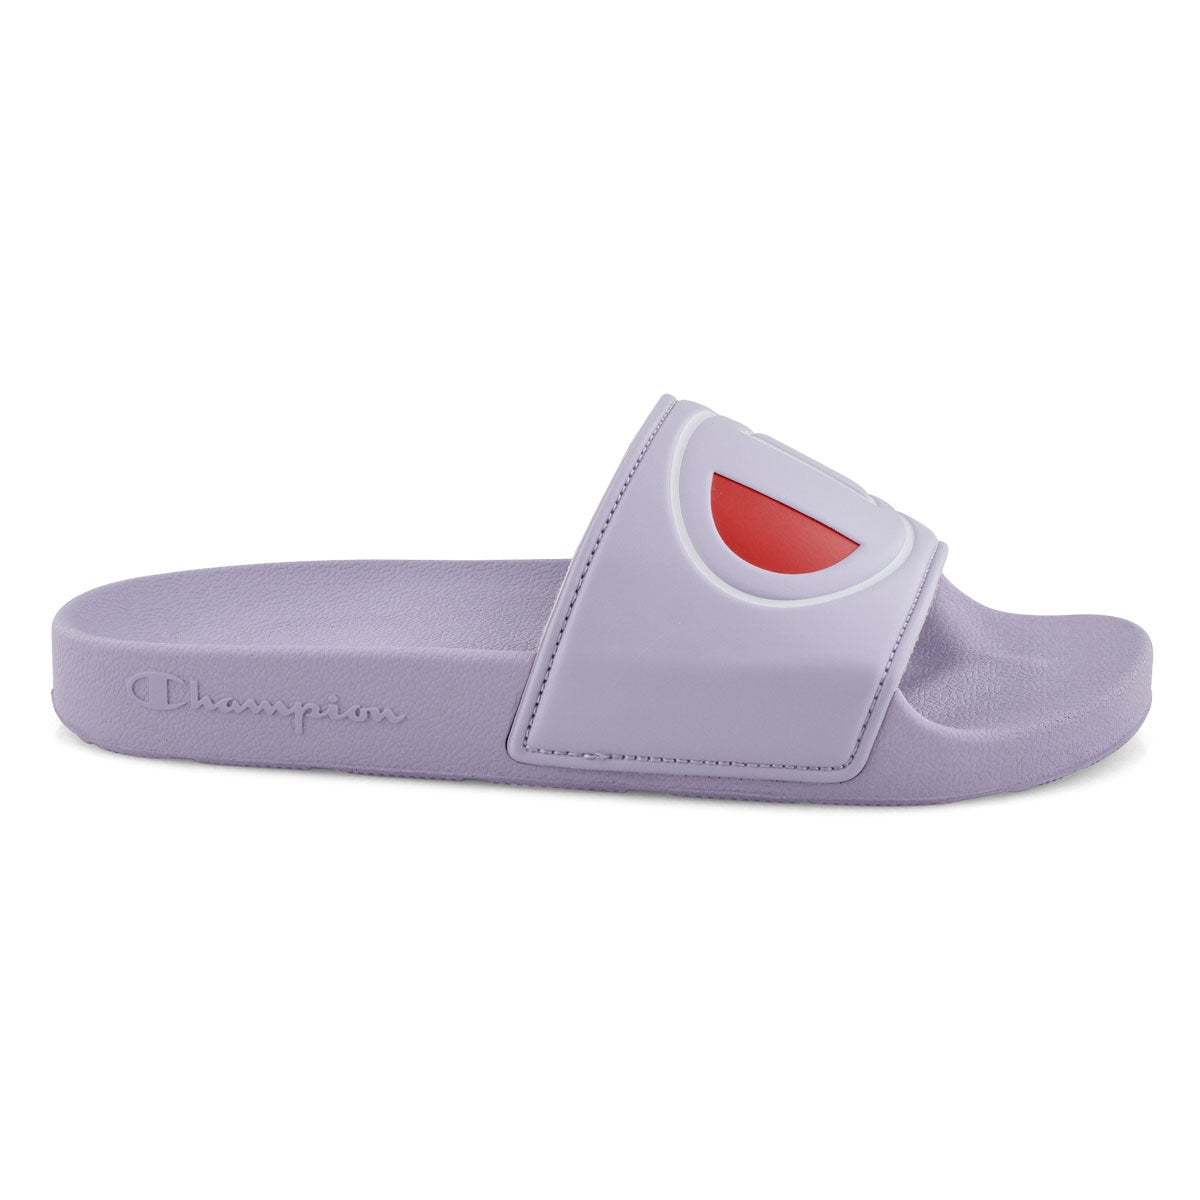 Lds Ipo violet sport slide sandal